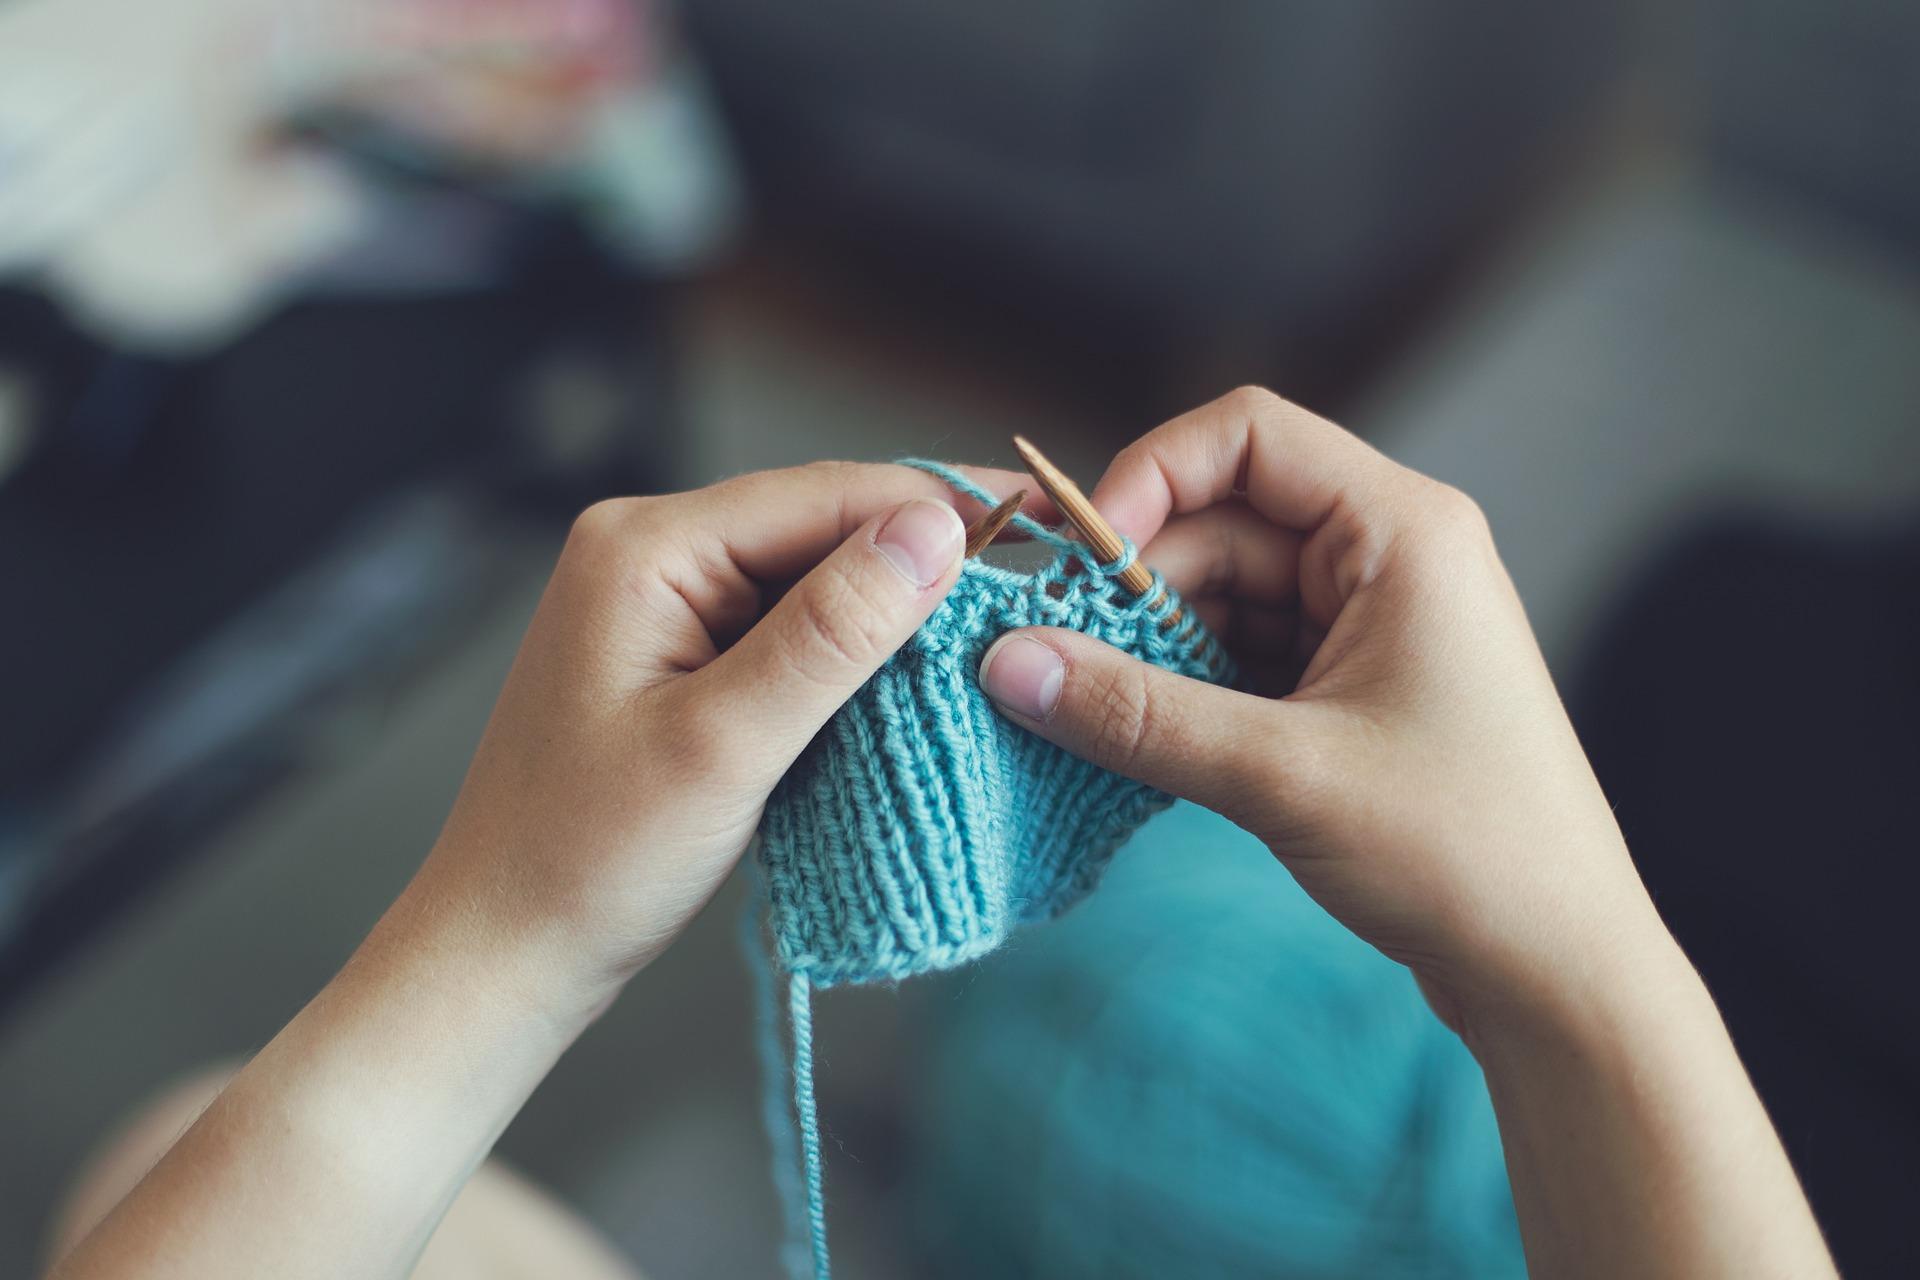 goal-traveler-knitting.jpg